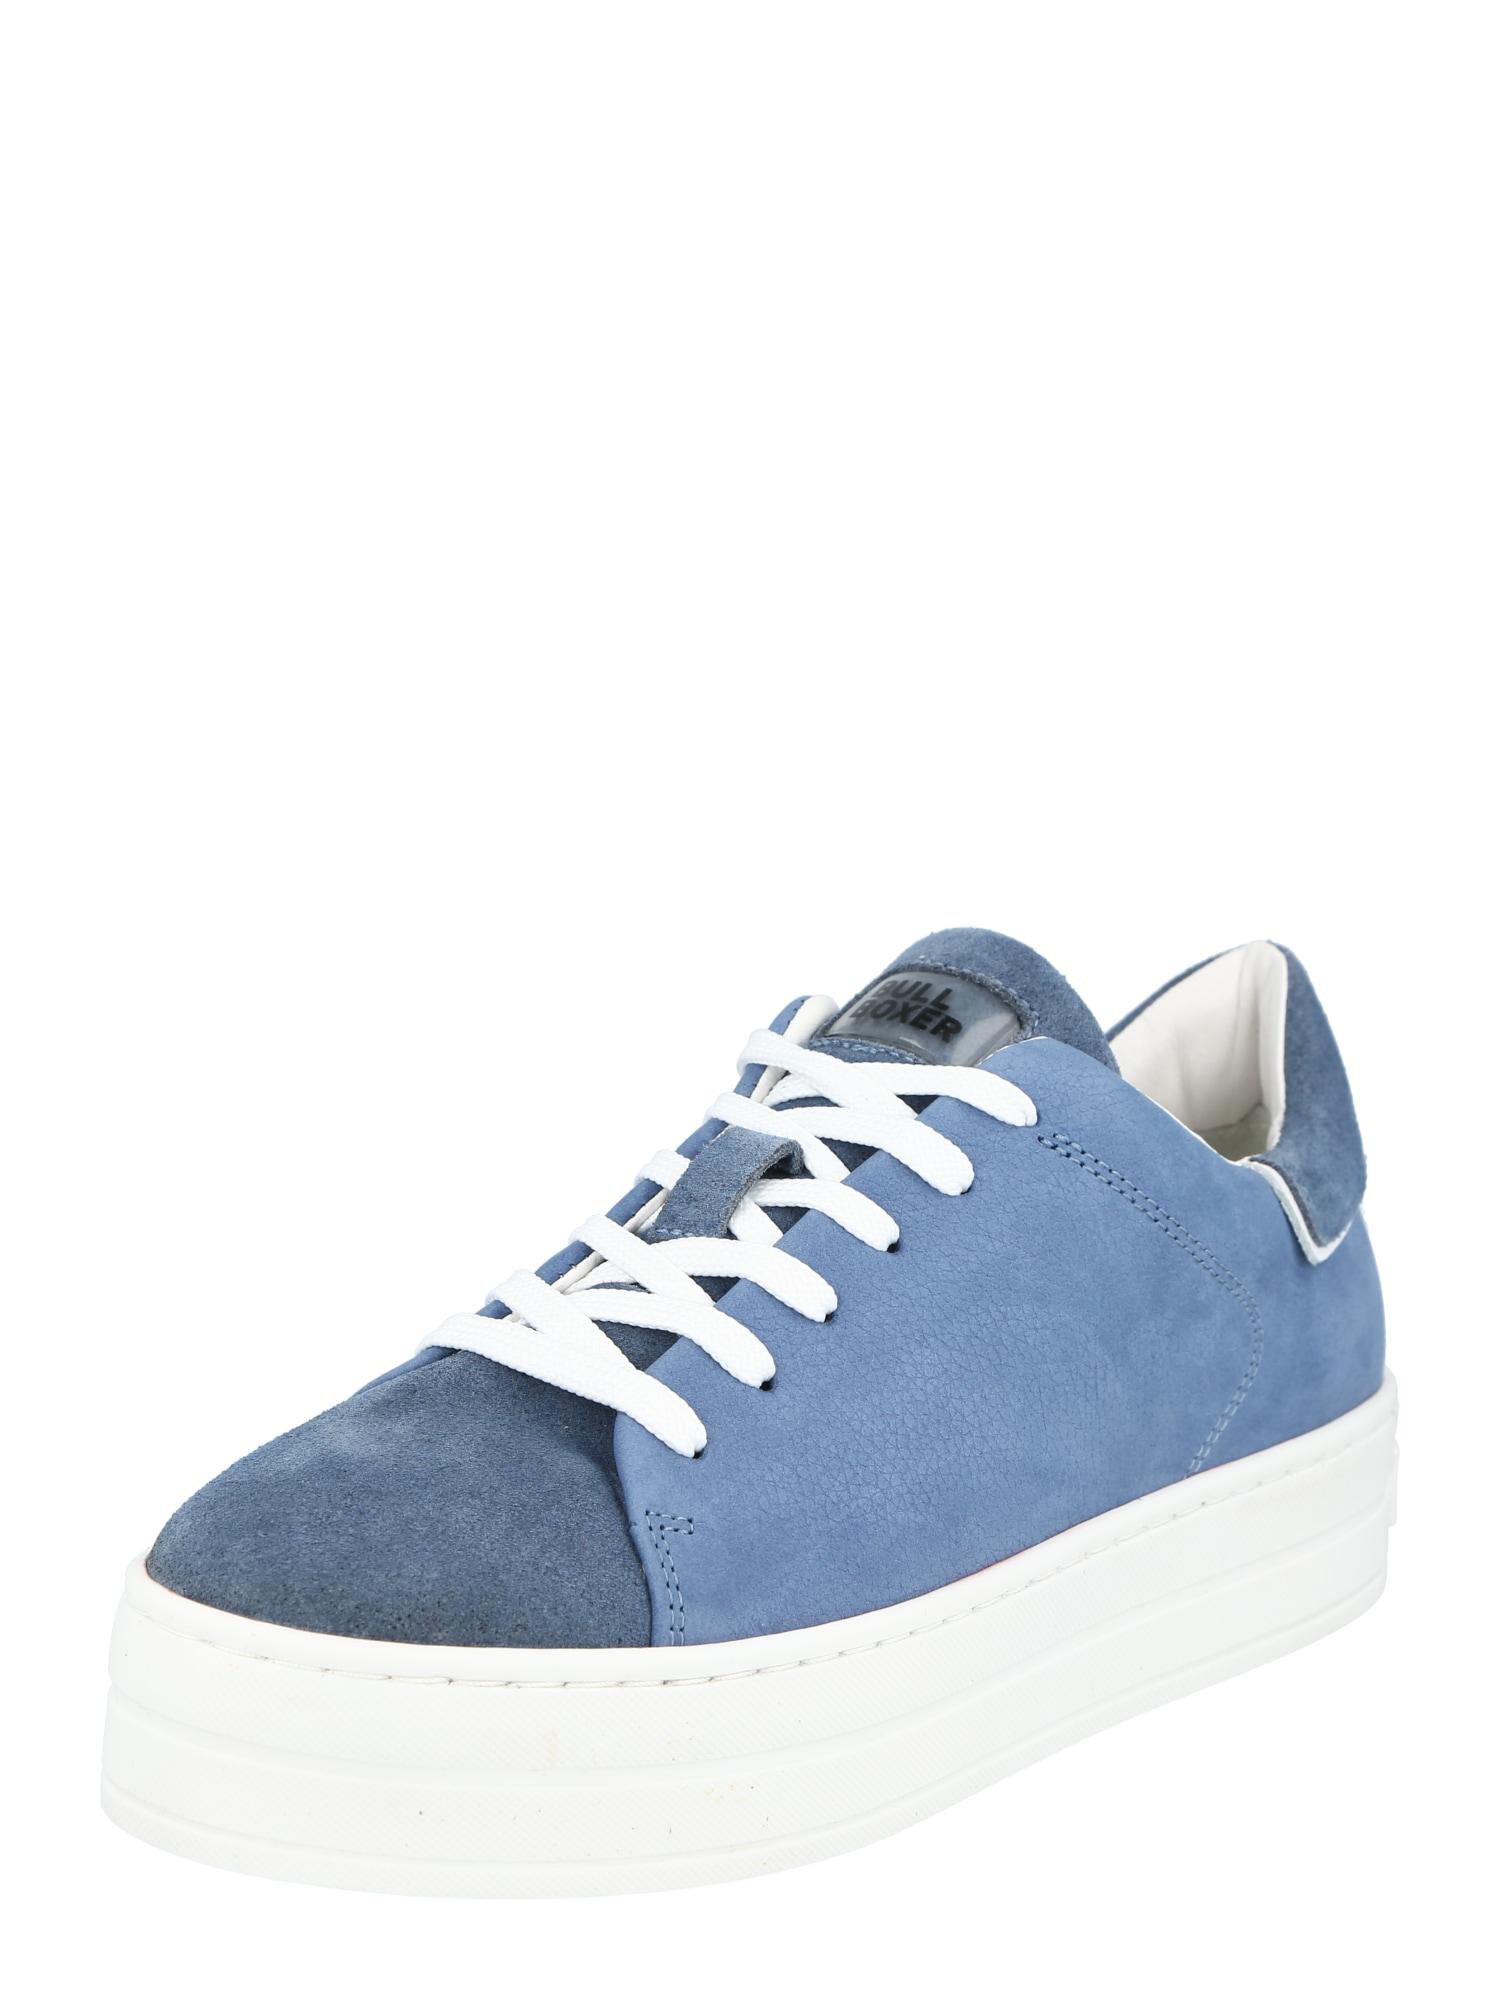 BULLBOXER Sportbačiai be auliuko mėlyna / mėlyna dūmų spalva